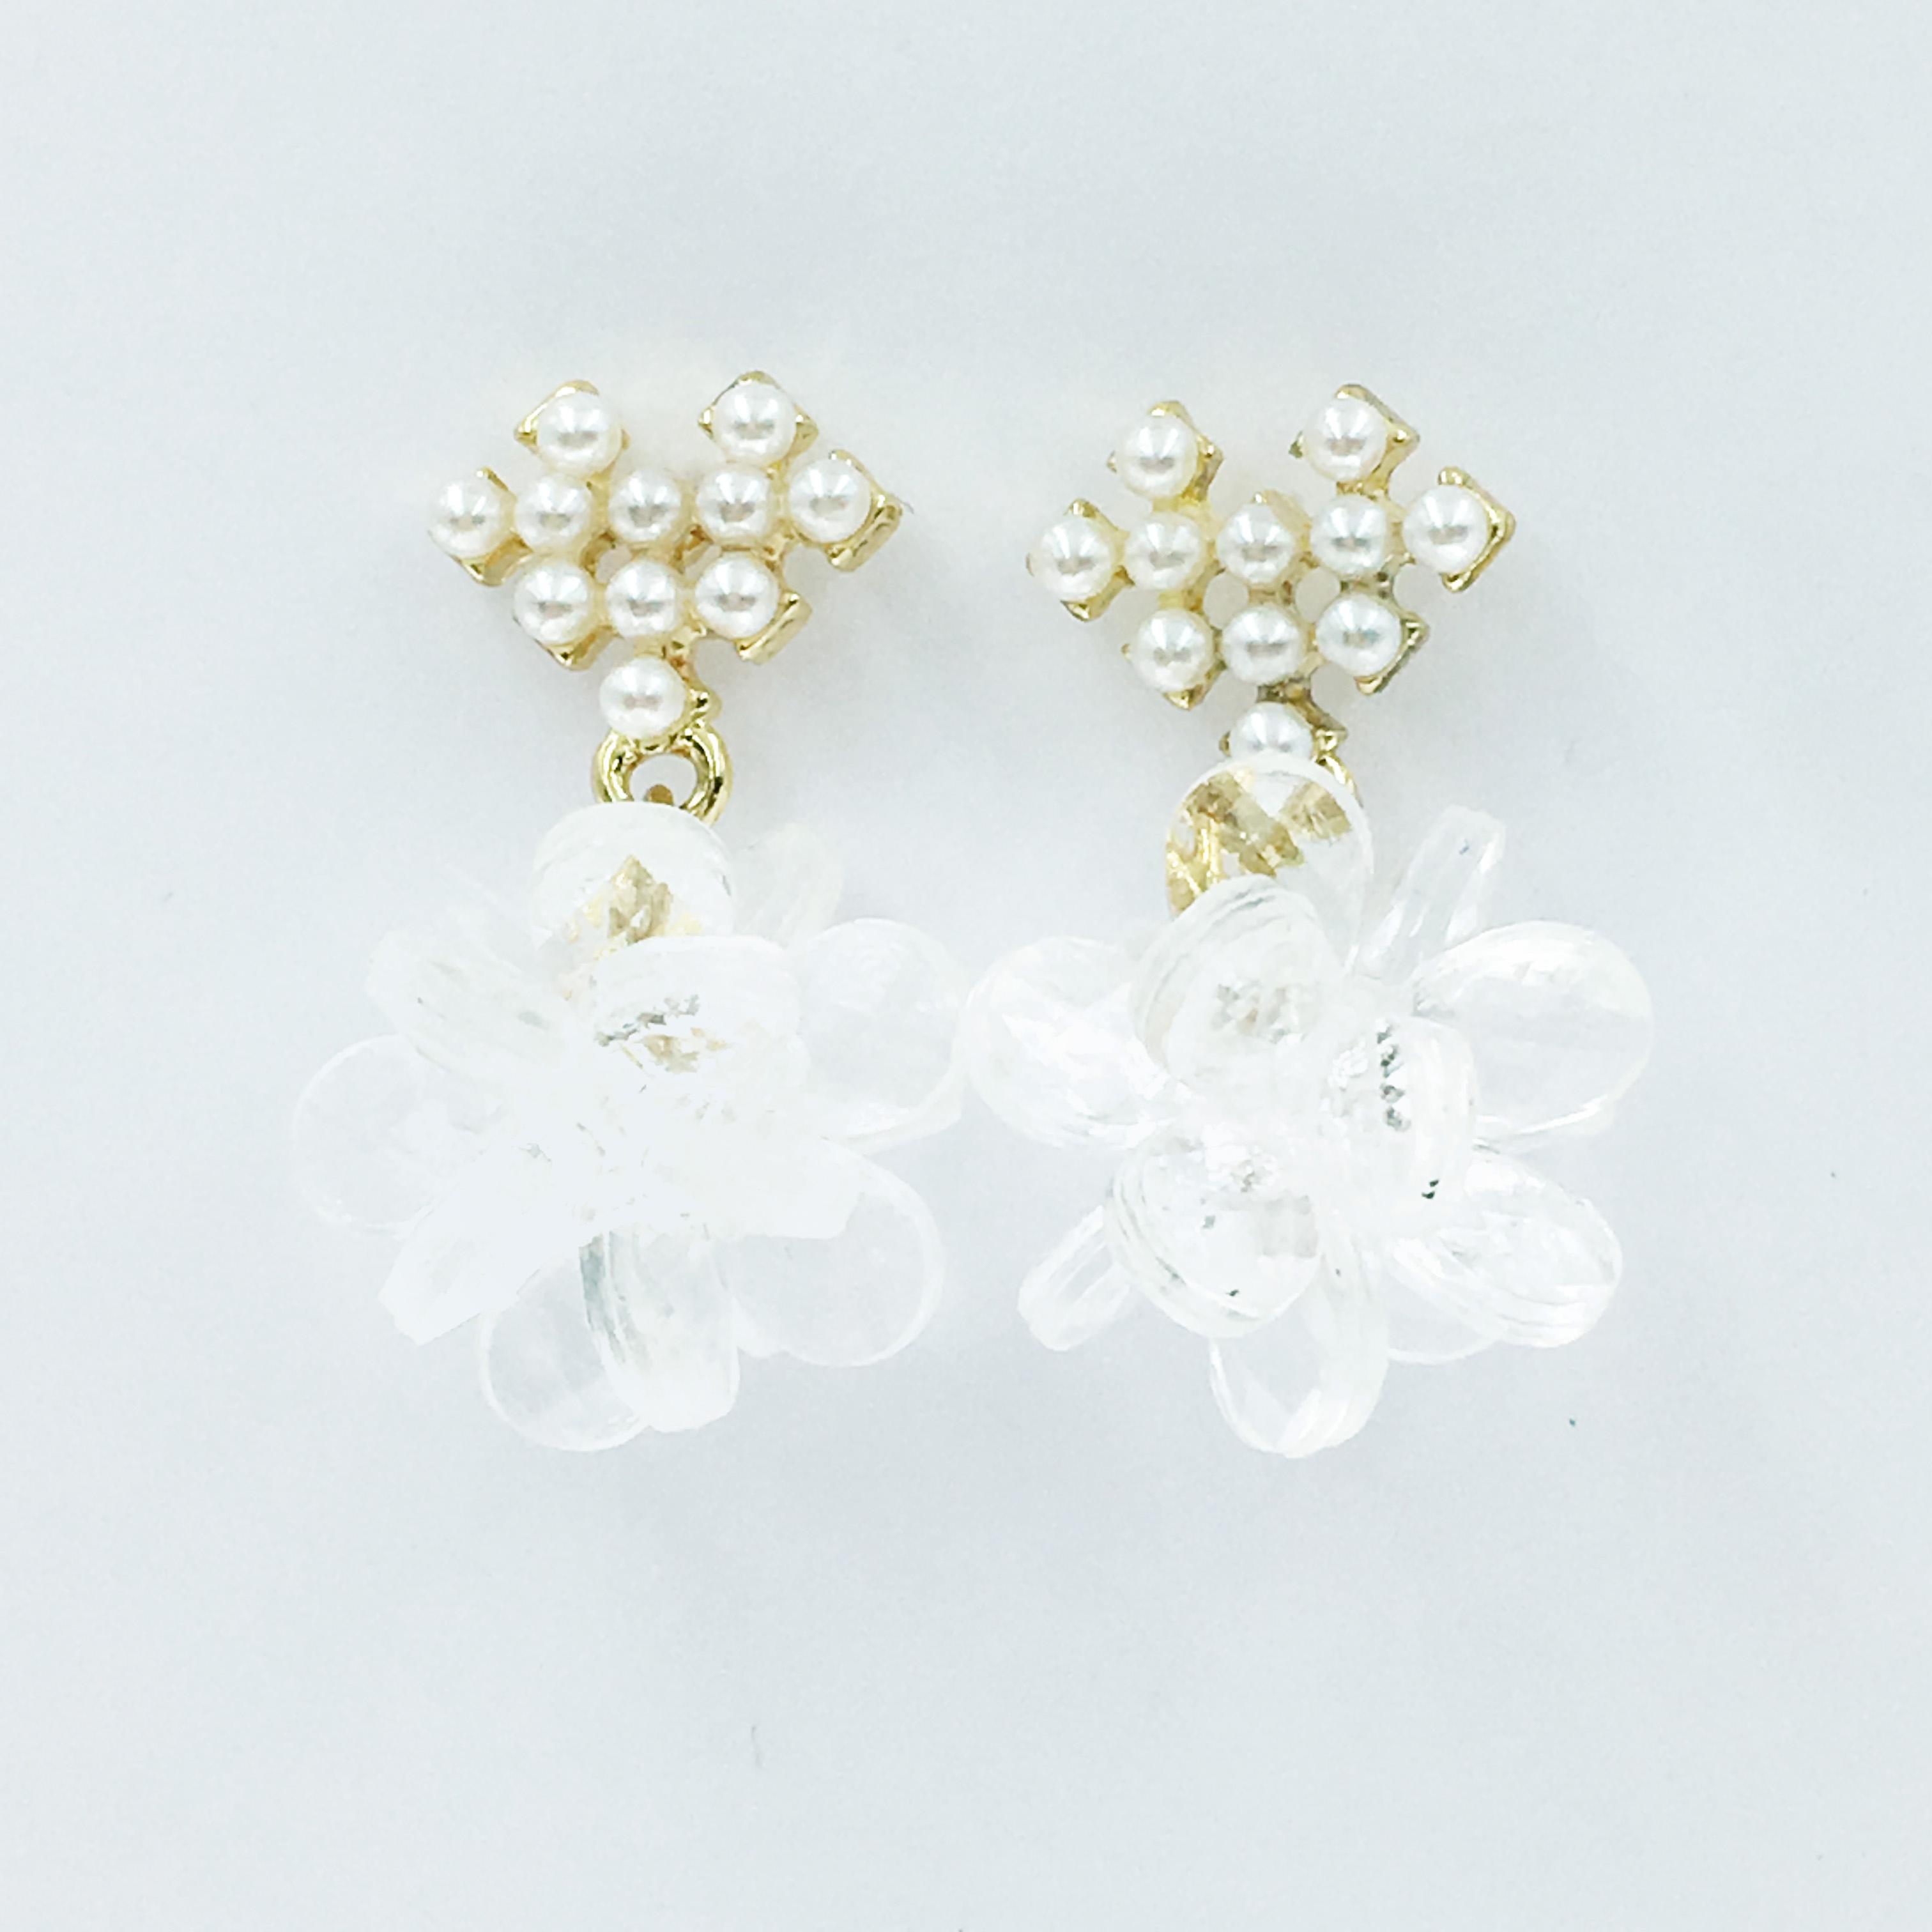 韓國 珍珠 立體 金邊 垂墜感 耳針式耳環